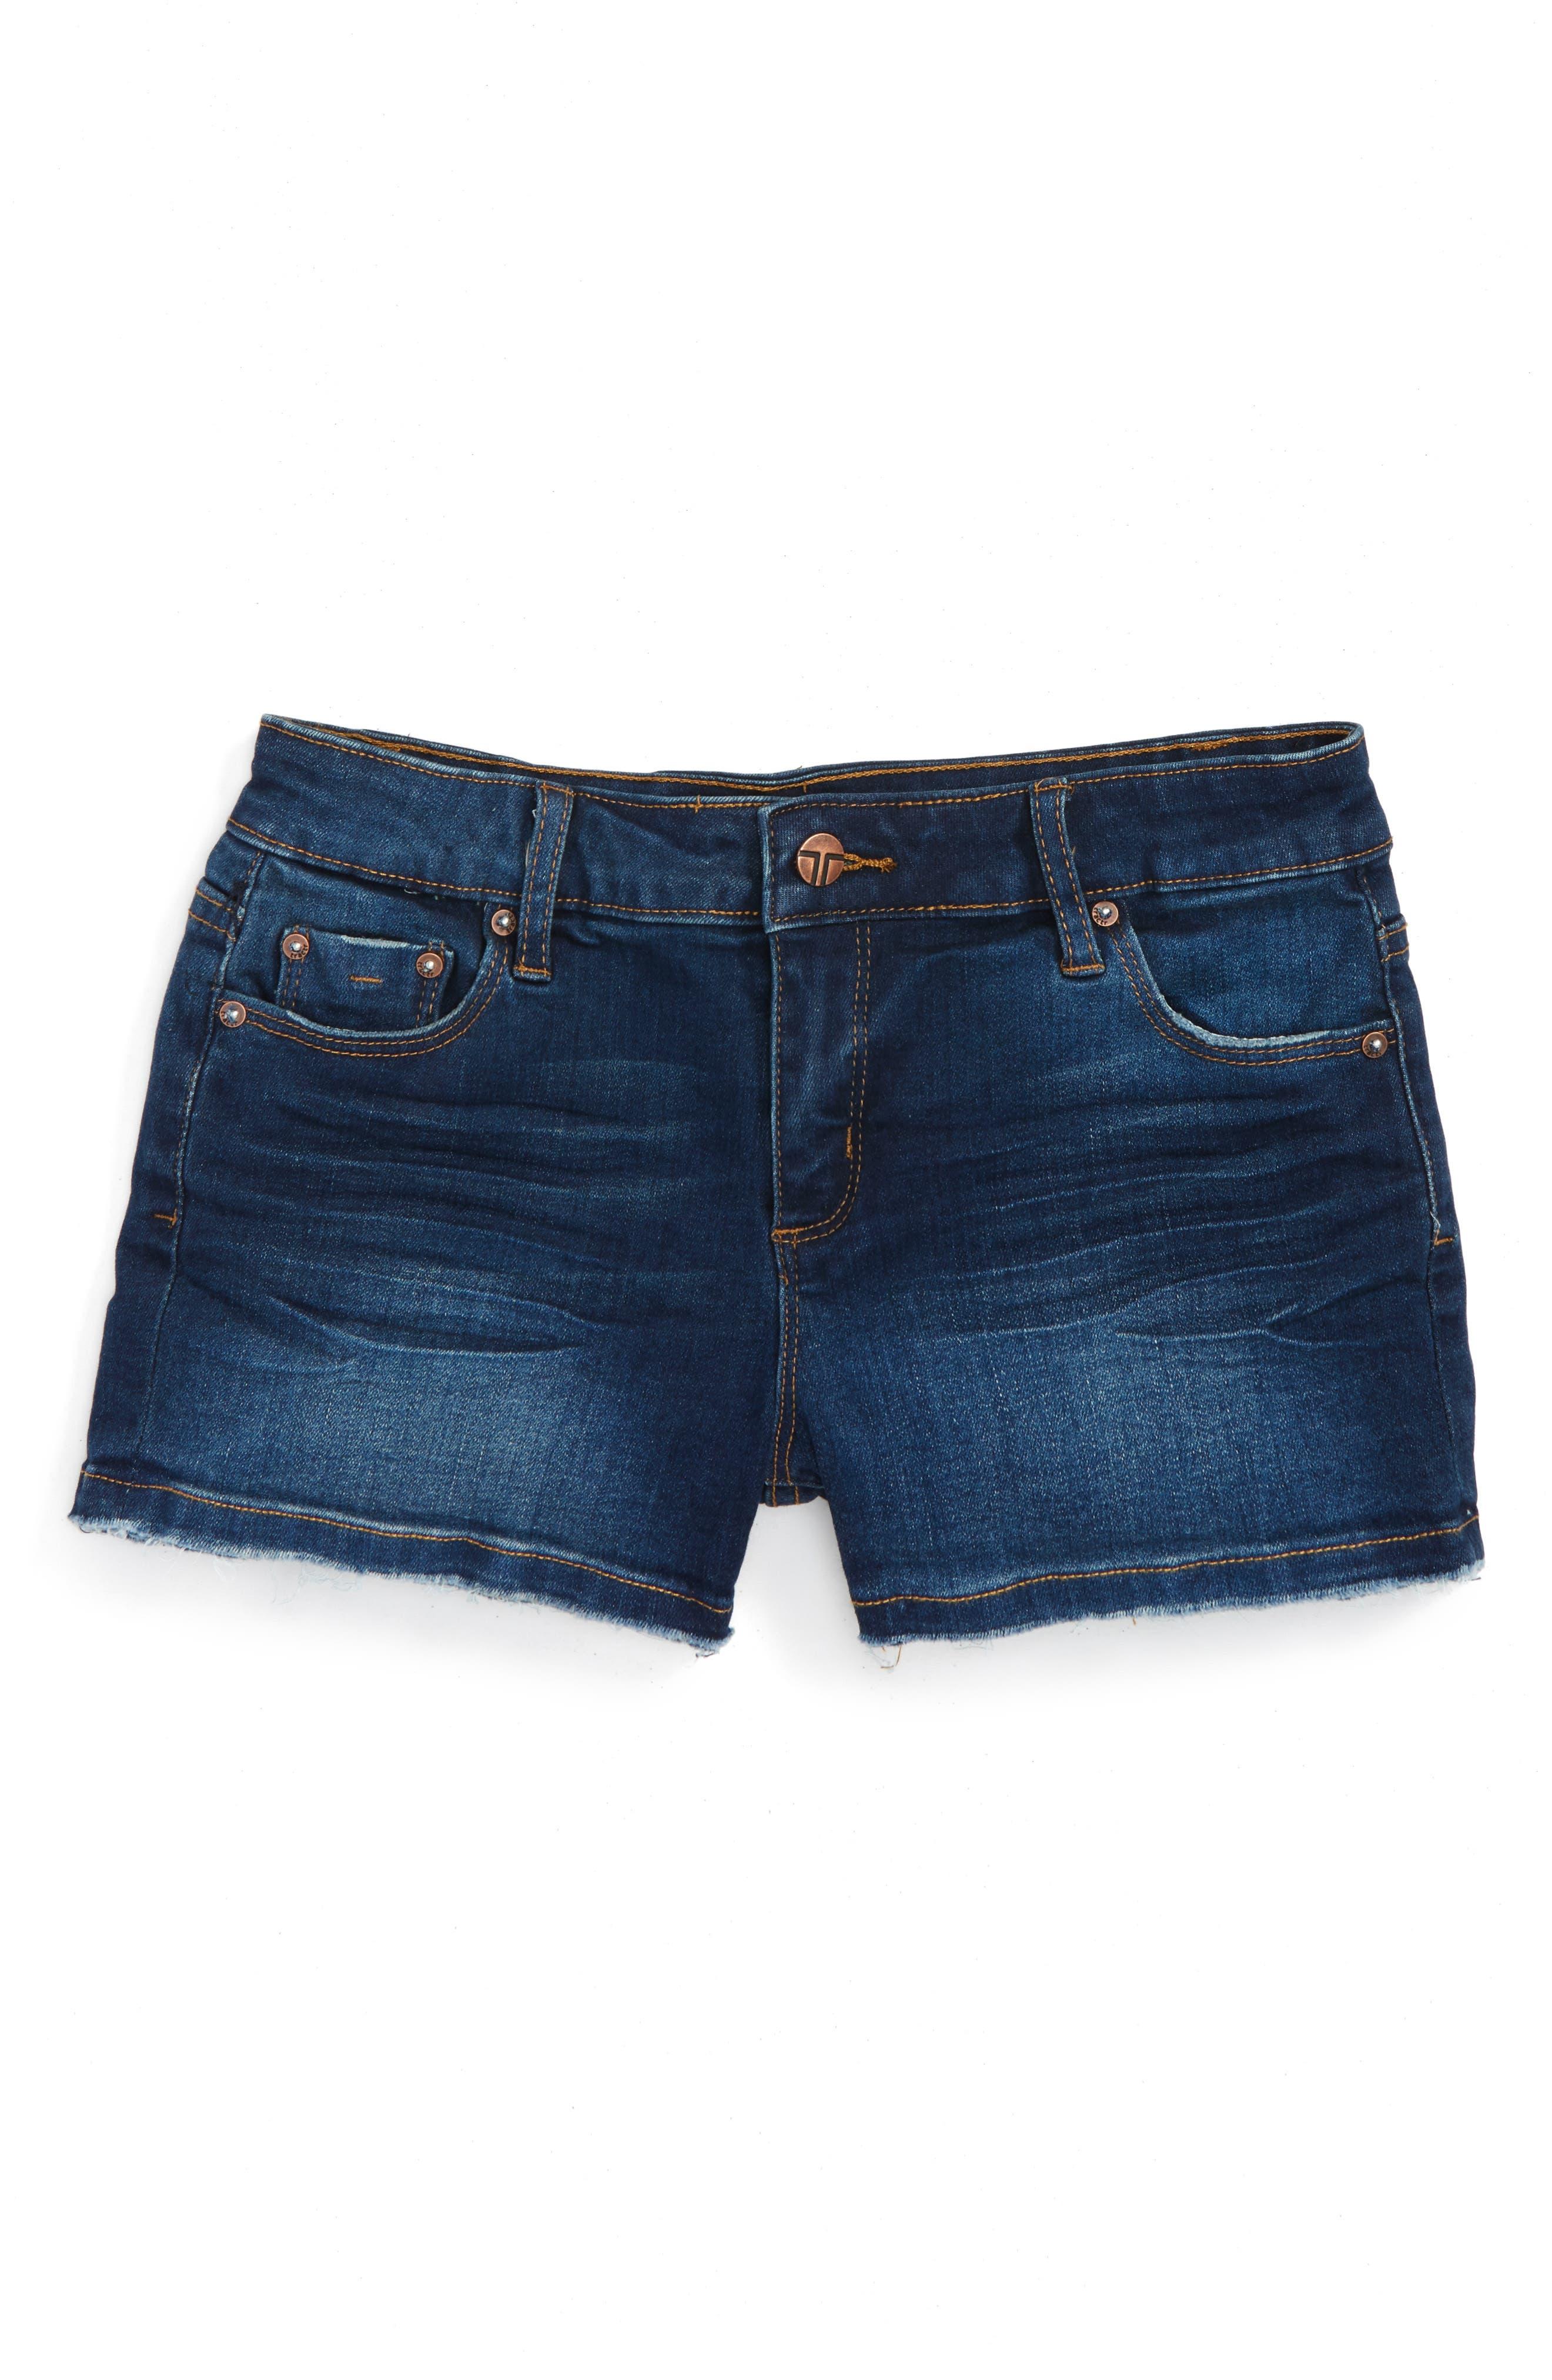 Tractr Frayed Hem Denim Shorts (Big Girls)